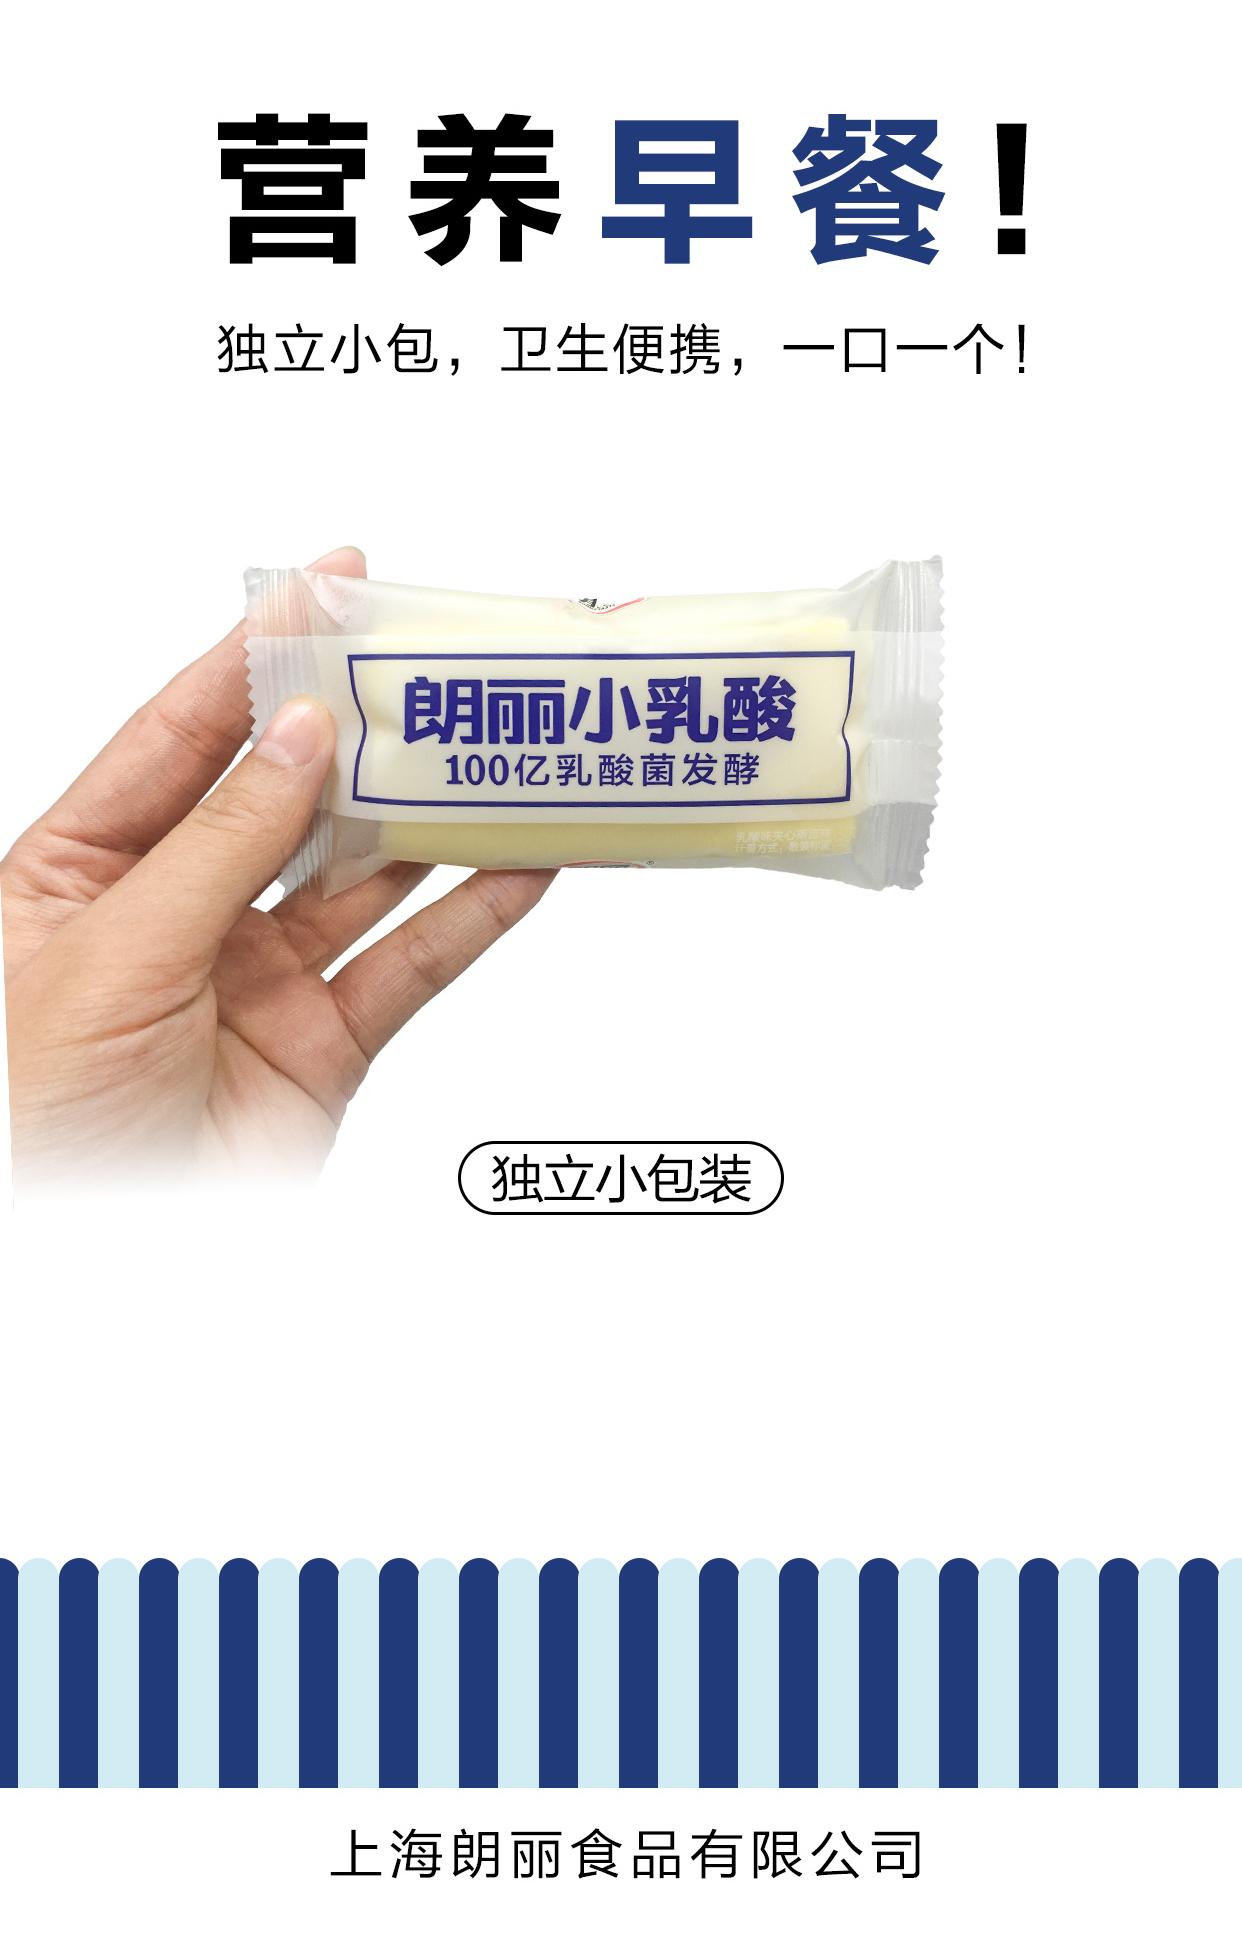 小乳酸_06.jpg